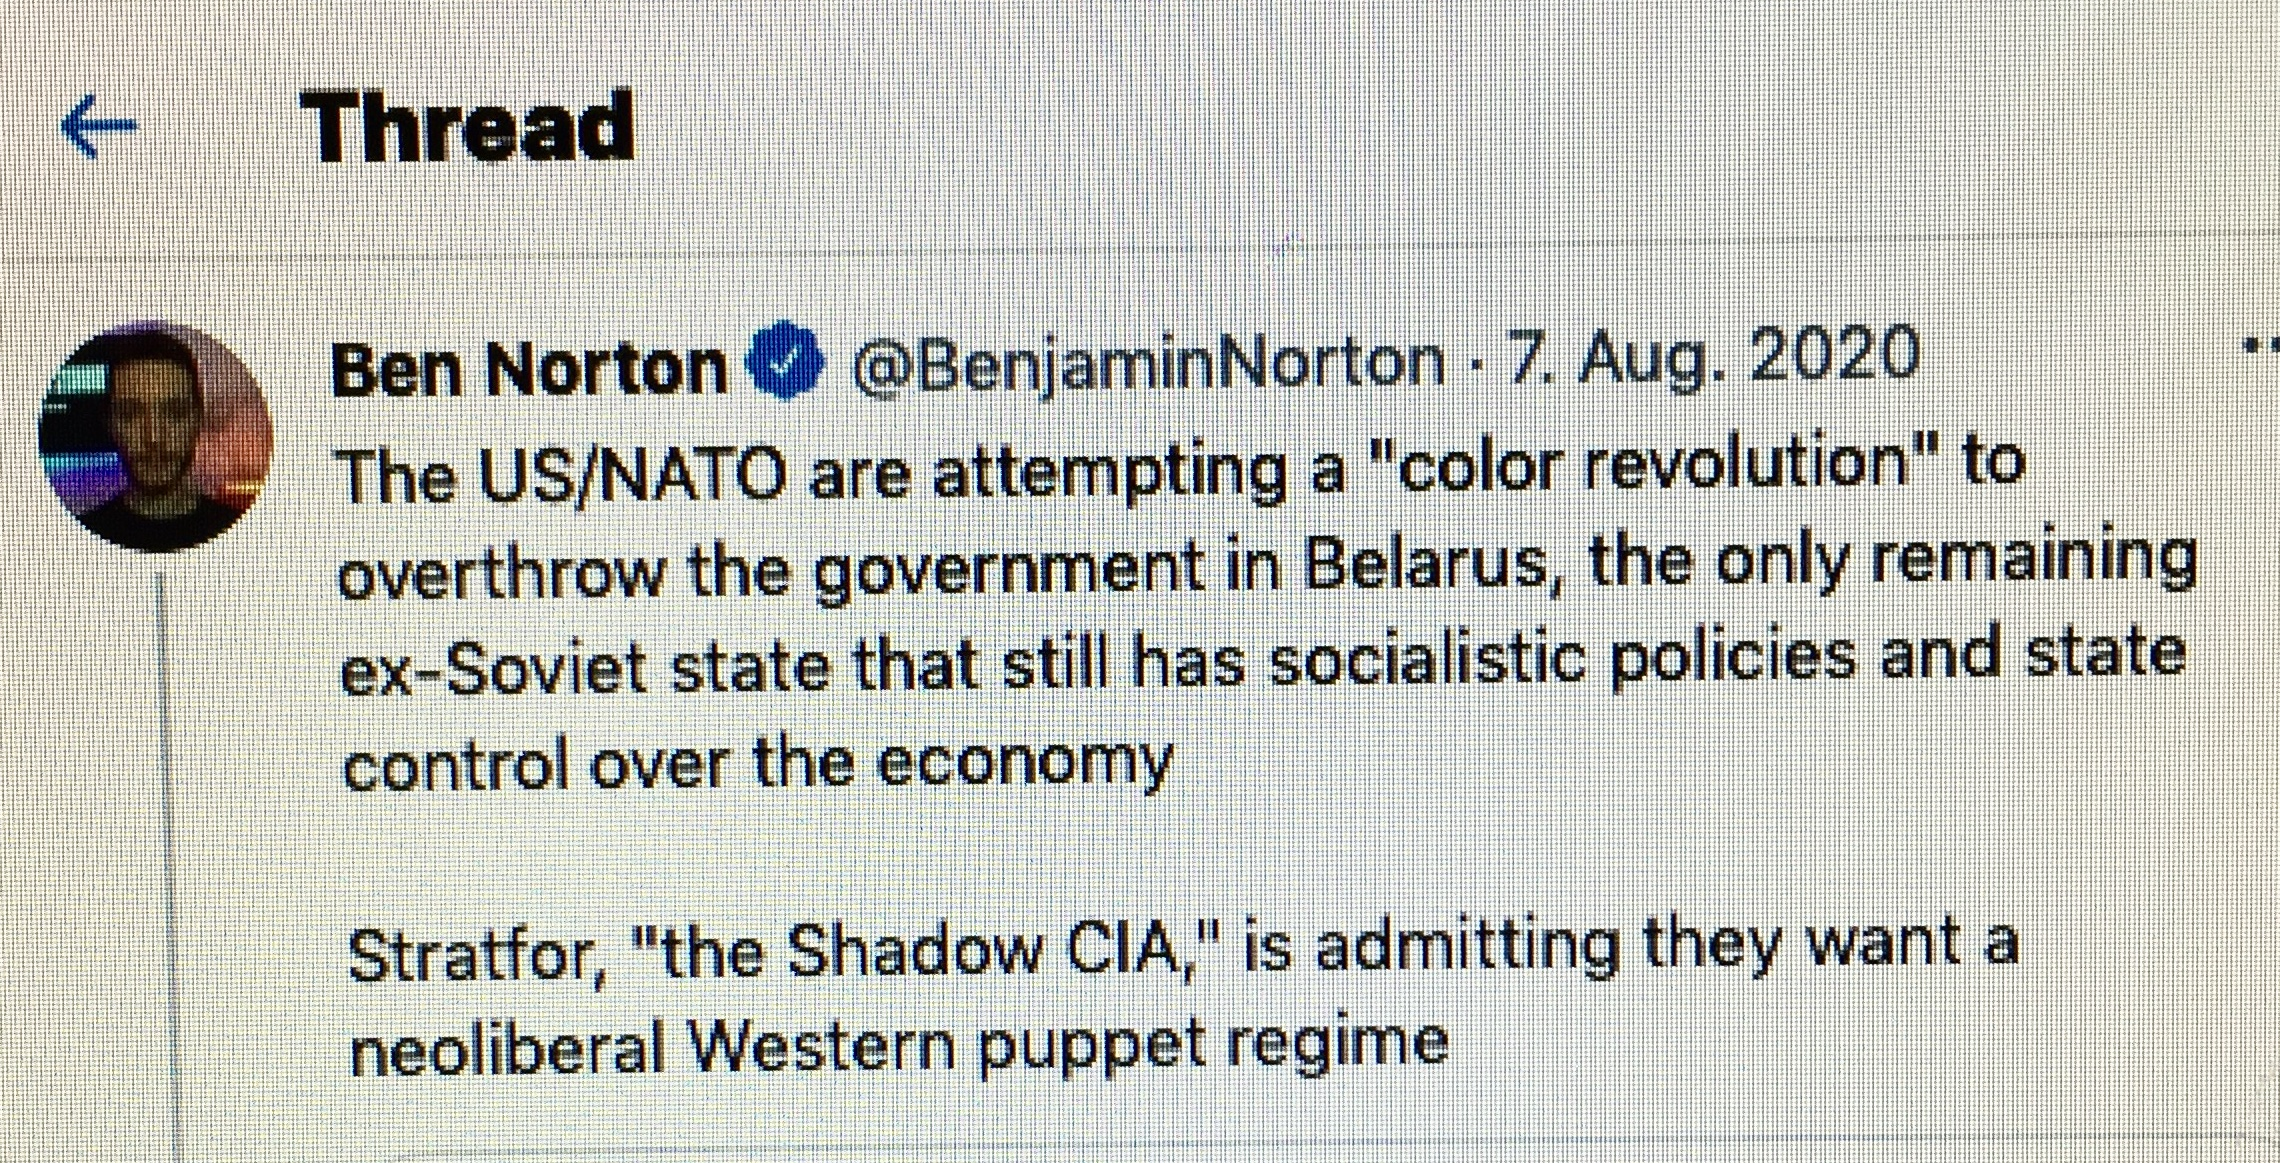 """Das Ukraine-Déjà-vu: Der Minsker Zwischenfall wirft ein Licht auf die Bemühungen des Westens um einen Umsturz in Weißrussland. Bisher konnten wir nur Putin zitieren, der von einem aufgeflogenen, geplanten Putsch in Weißrussland, nebst Mordplänen an Lukaschenko, berichtete (2). Jetzt aber legt der amerikanische Journalist Ben Norton Beweise vor, dass der Westen einen Regimewechsel in Minsk seit Langem plant und mit lokalen Helfern ins Werk zu setzen trachtet. Darunter ist auch jener Roman Protasewitsch, der in Minsk verhaftet wurde und darüber zum Liebling des Westens avancierte. Hier ist eine deutliche Warnung auszusprechen. Wir haben es nicht mit Anfängern zu tun. Die Gefahr eines Putsches gegen Lukaschenko ist real, die Ähnlichkeiten mit dem Ukraineputsch von 2014 sind nicht zu übersehen (3). Angesichts dieser Bedrohungslage kann die Frage ernsthaft gestellt werden, ob Lukaschenko den Regimewechselspezialisten verhaften durfte — um sich und sein Land zu schützen und diesem Land ein Schicksal zu ersparen, wie es die Ukraine, Syrien, Libyen, Venezuela oder Russland unter Boris Jelzin erdulden mussten.  Von Ben Norton, übersetzt von der Rubikon-Weltredaktion (BenNorton.com, @BenjaminNorton, der Artikel ist am 5.6.2021 auf Rubikon.news erschienen, zuvor unter dem Titel """"US-funded Belarusian regime-change activist arrested on plane joined neo-Nazis in Ukraine"""" by Ben Norton)"""